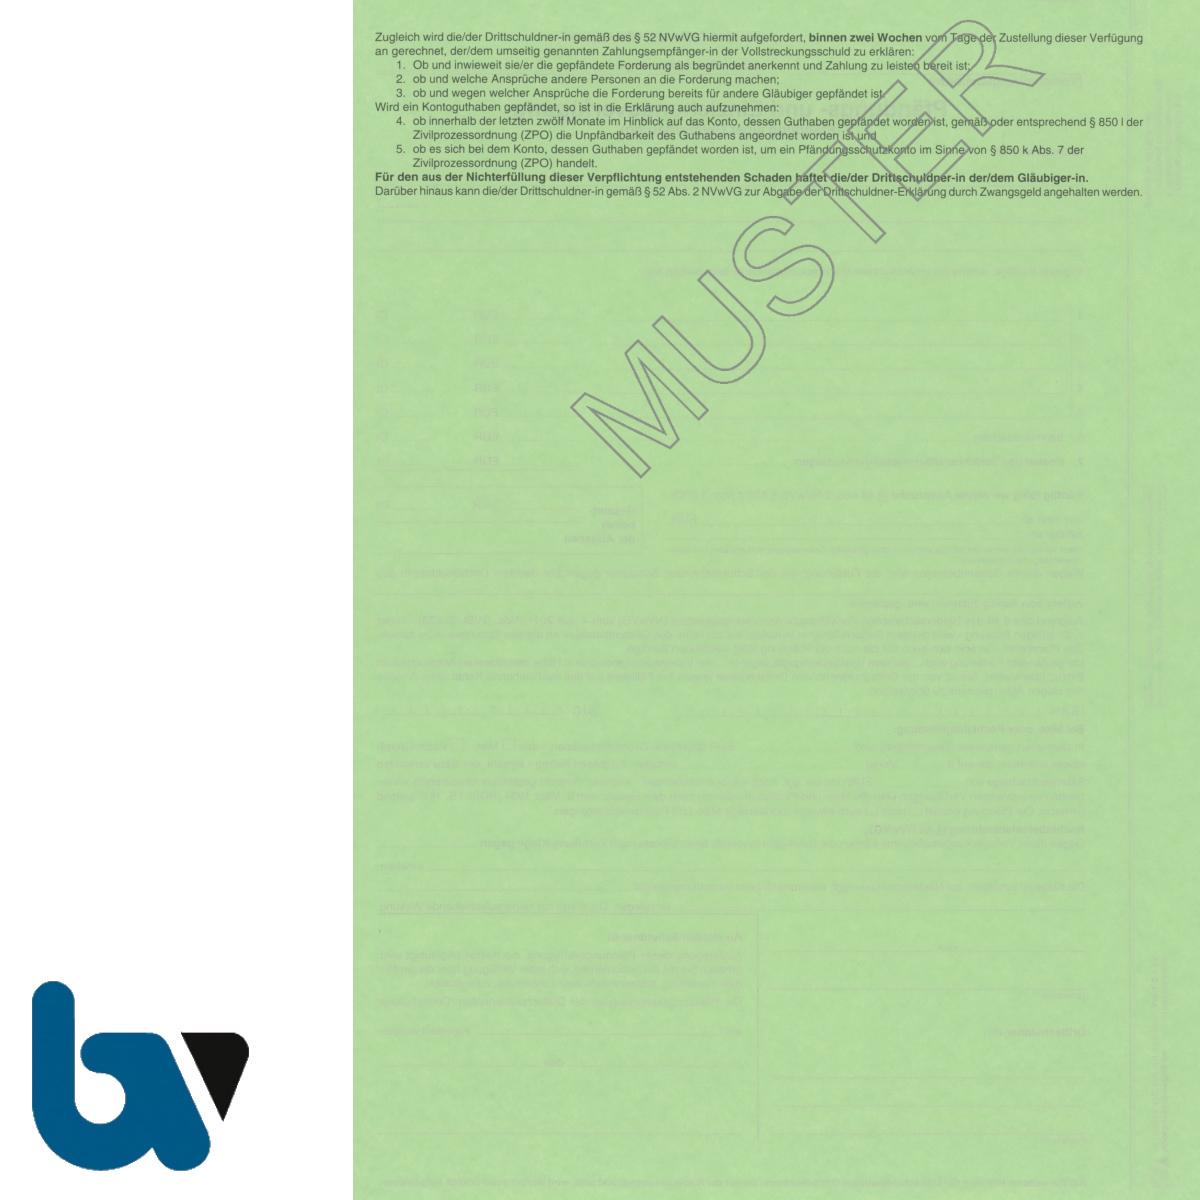 4/815-2 Pfändung Einziehung Verfügung Geldforderung Niedersachsen Vollstreckung ZPO NVwVG 4-fach selbstdurchschreibend DIN A4 Rückseite | Borgard Verlag GmbH